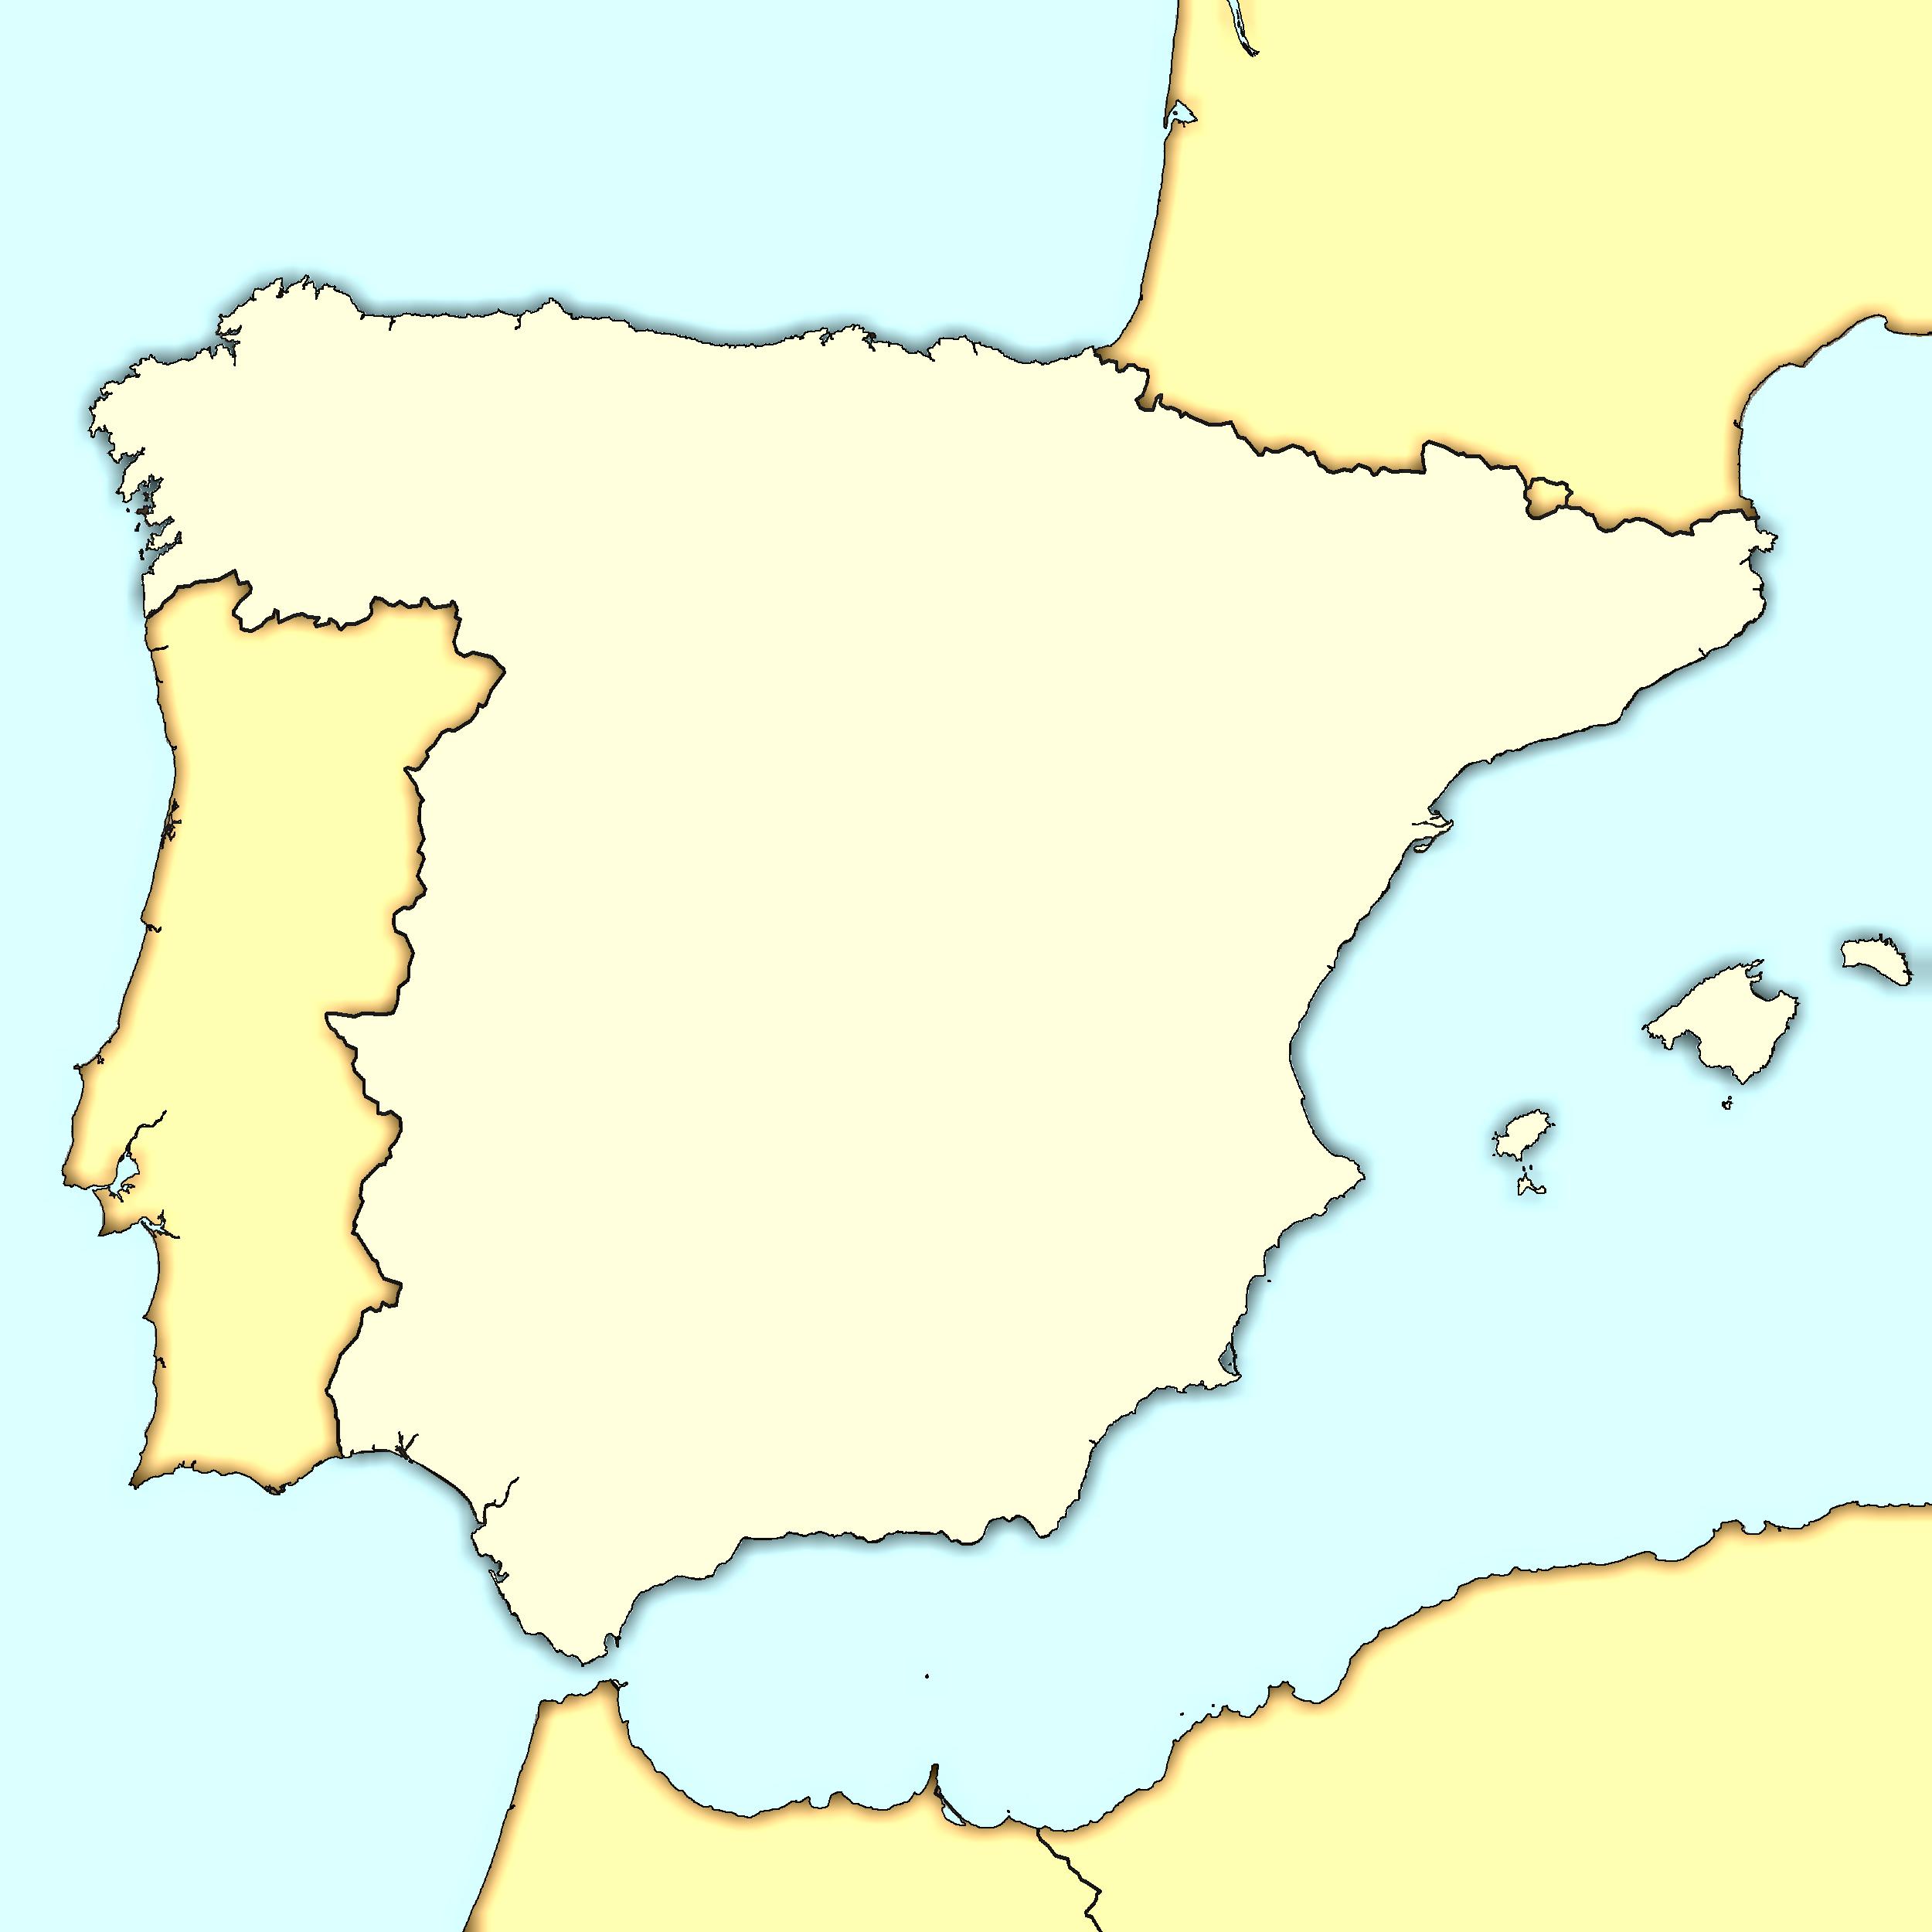 Map Of Spain Blank.Blank Map Of Spain International Culture Spain Map Of Spain